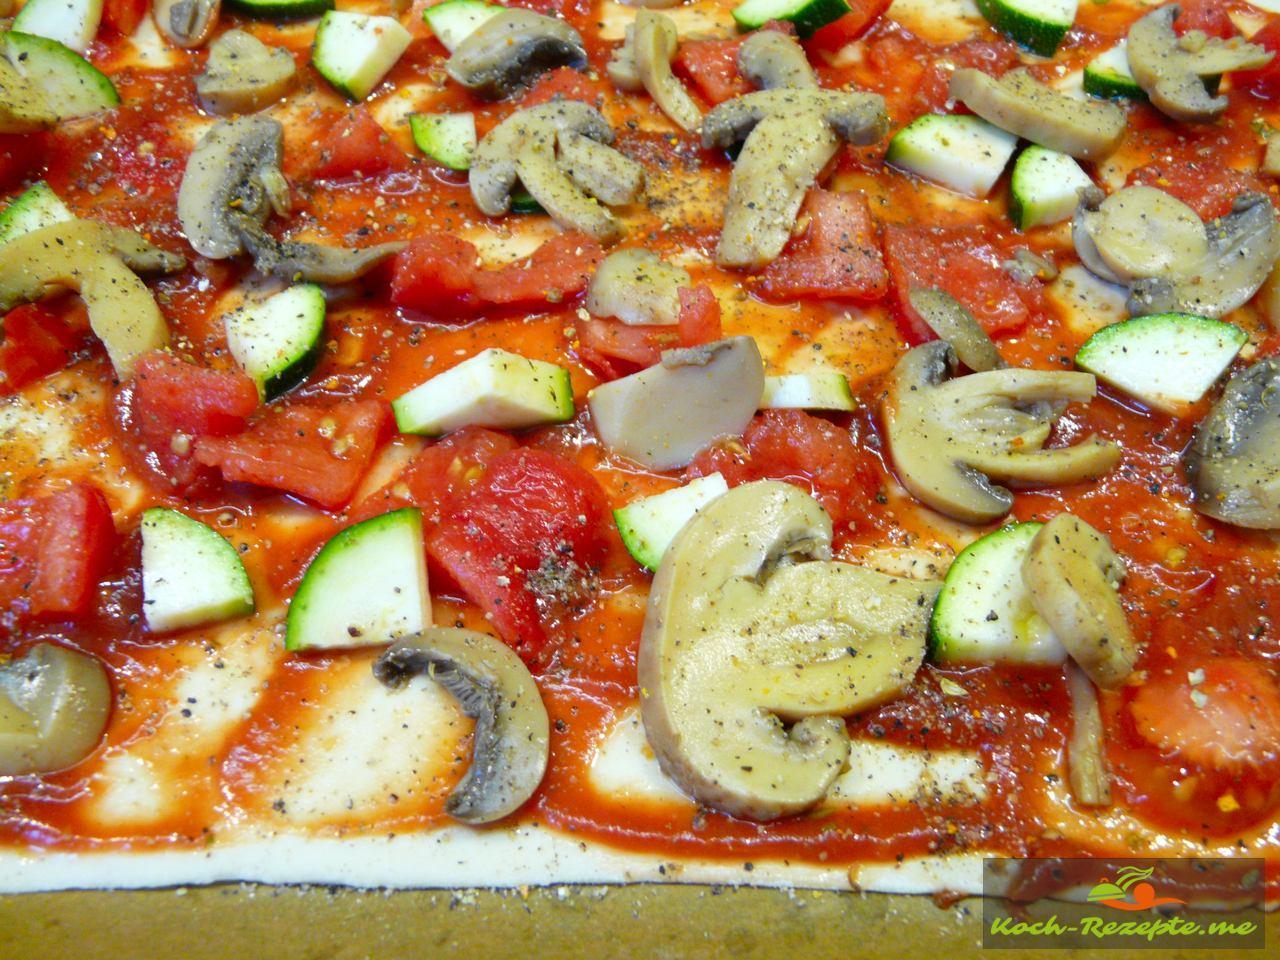 Champignonscheiben, Zucchinistücke auf die Pizza geben